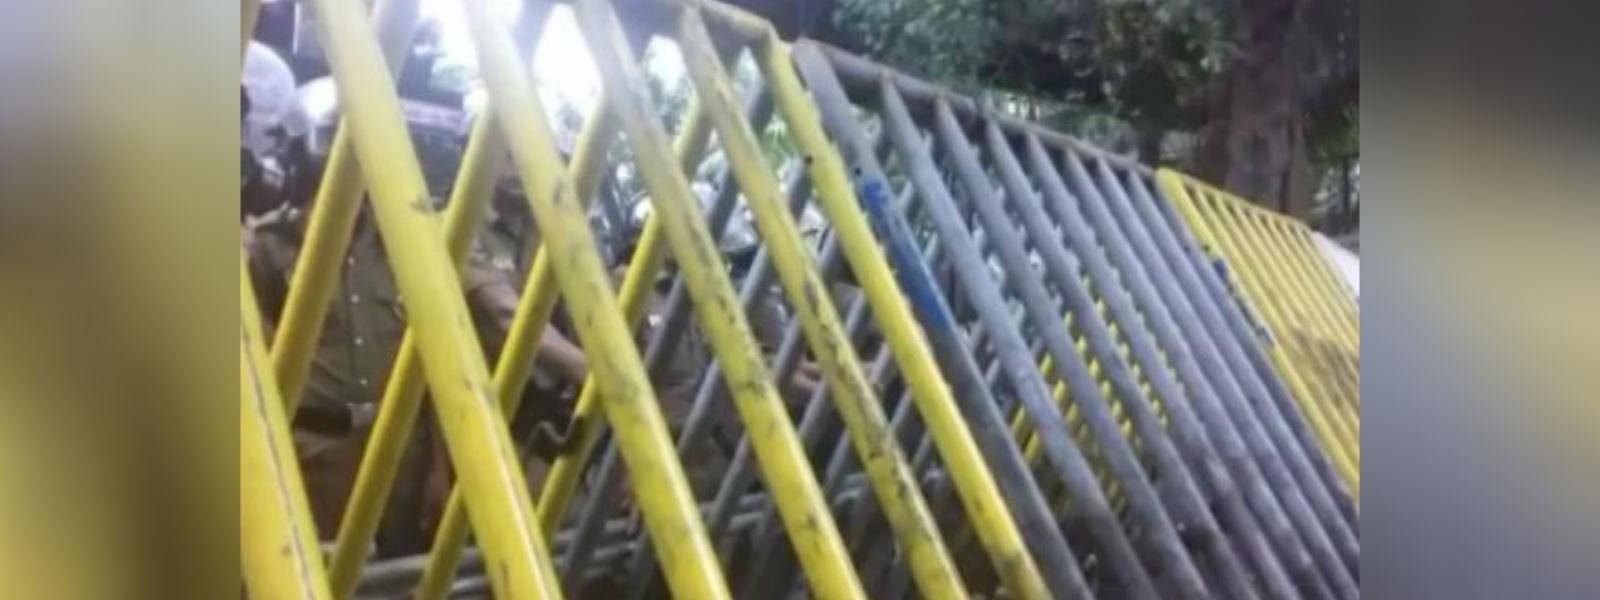 வேலையற்ற பட்டதாரிகளின் ஆர்ப்பாட்டம் காரணமாக லோட்டஸ் வீதி மூடப்பட்டது